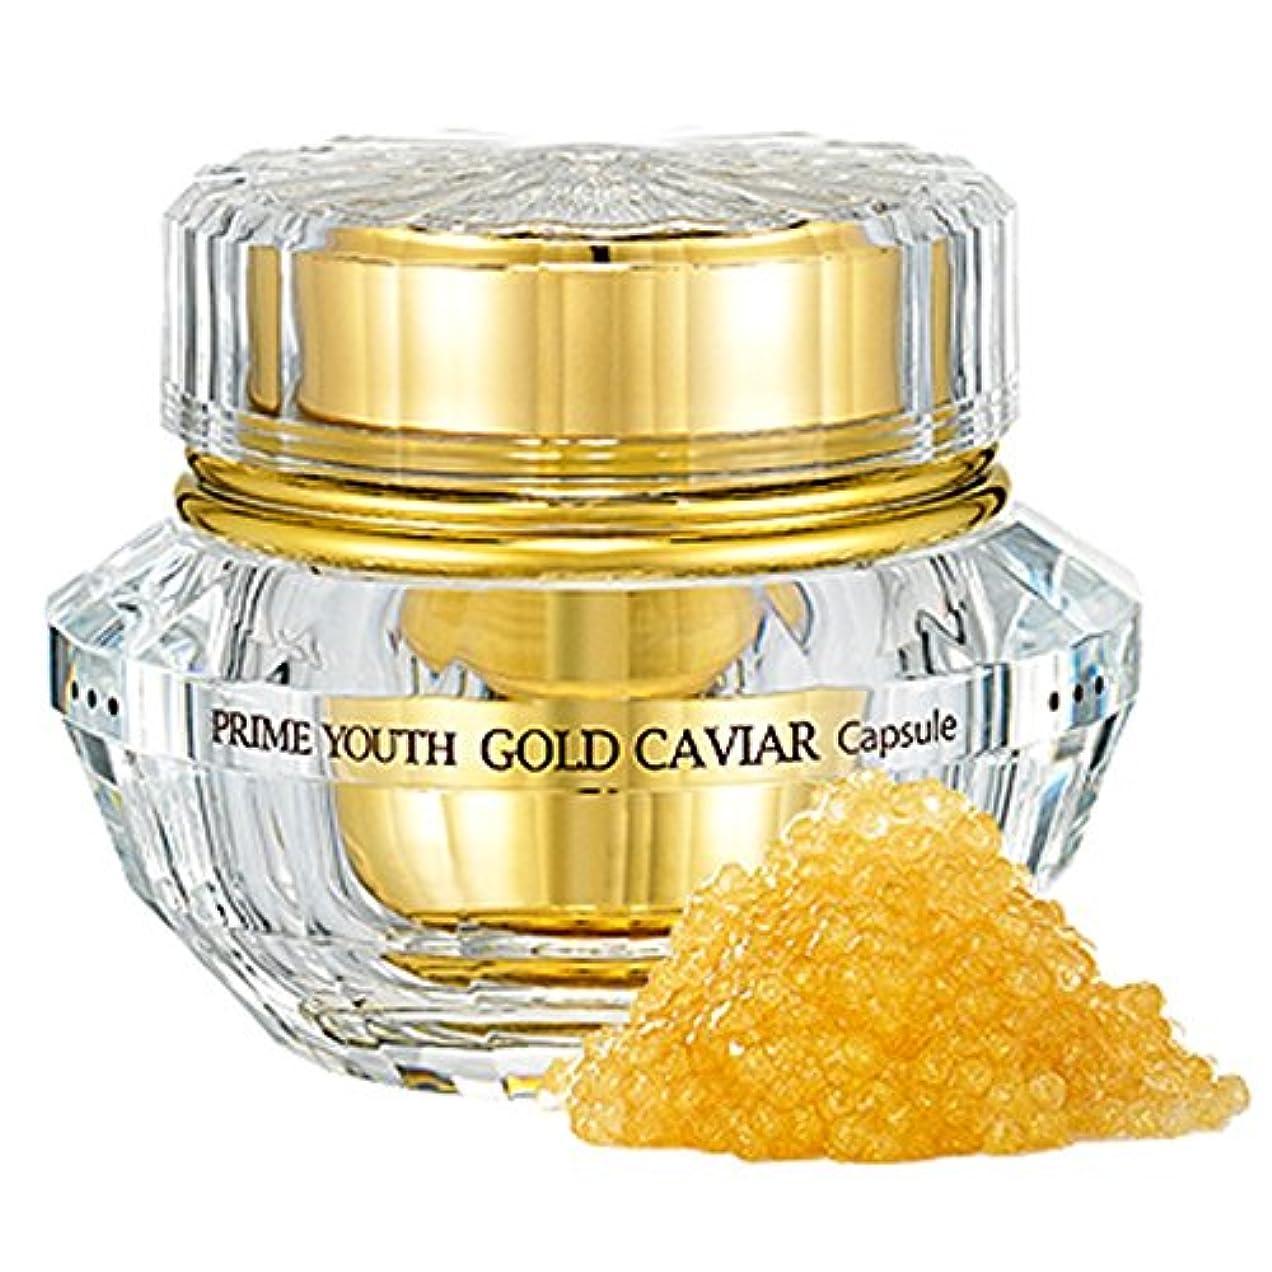 車両人事パラメータプライムユースゴールドキャビアカプセルprime youth gold caviar capsule 50g 001-MI [並行輸入品]